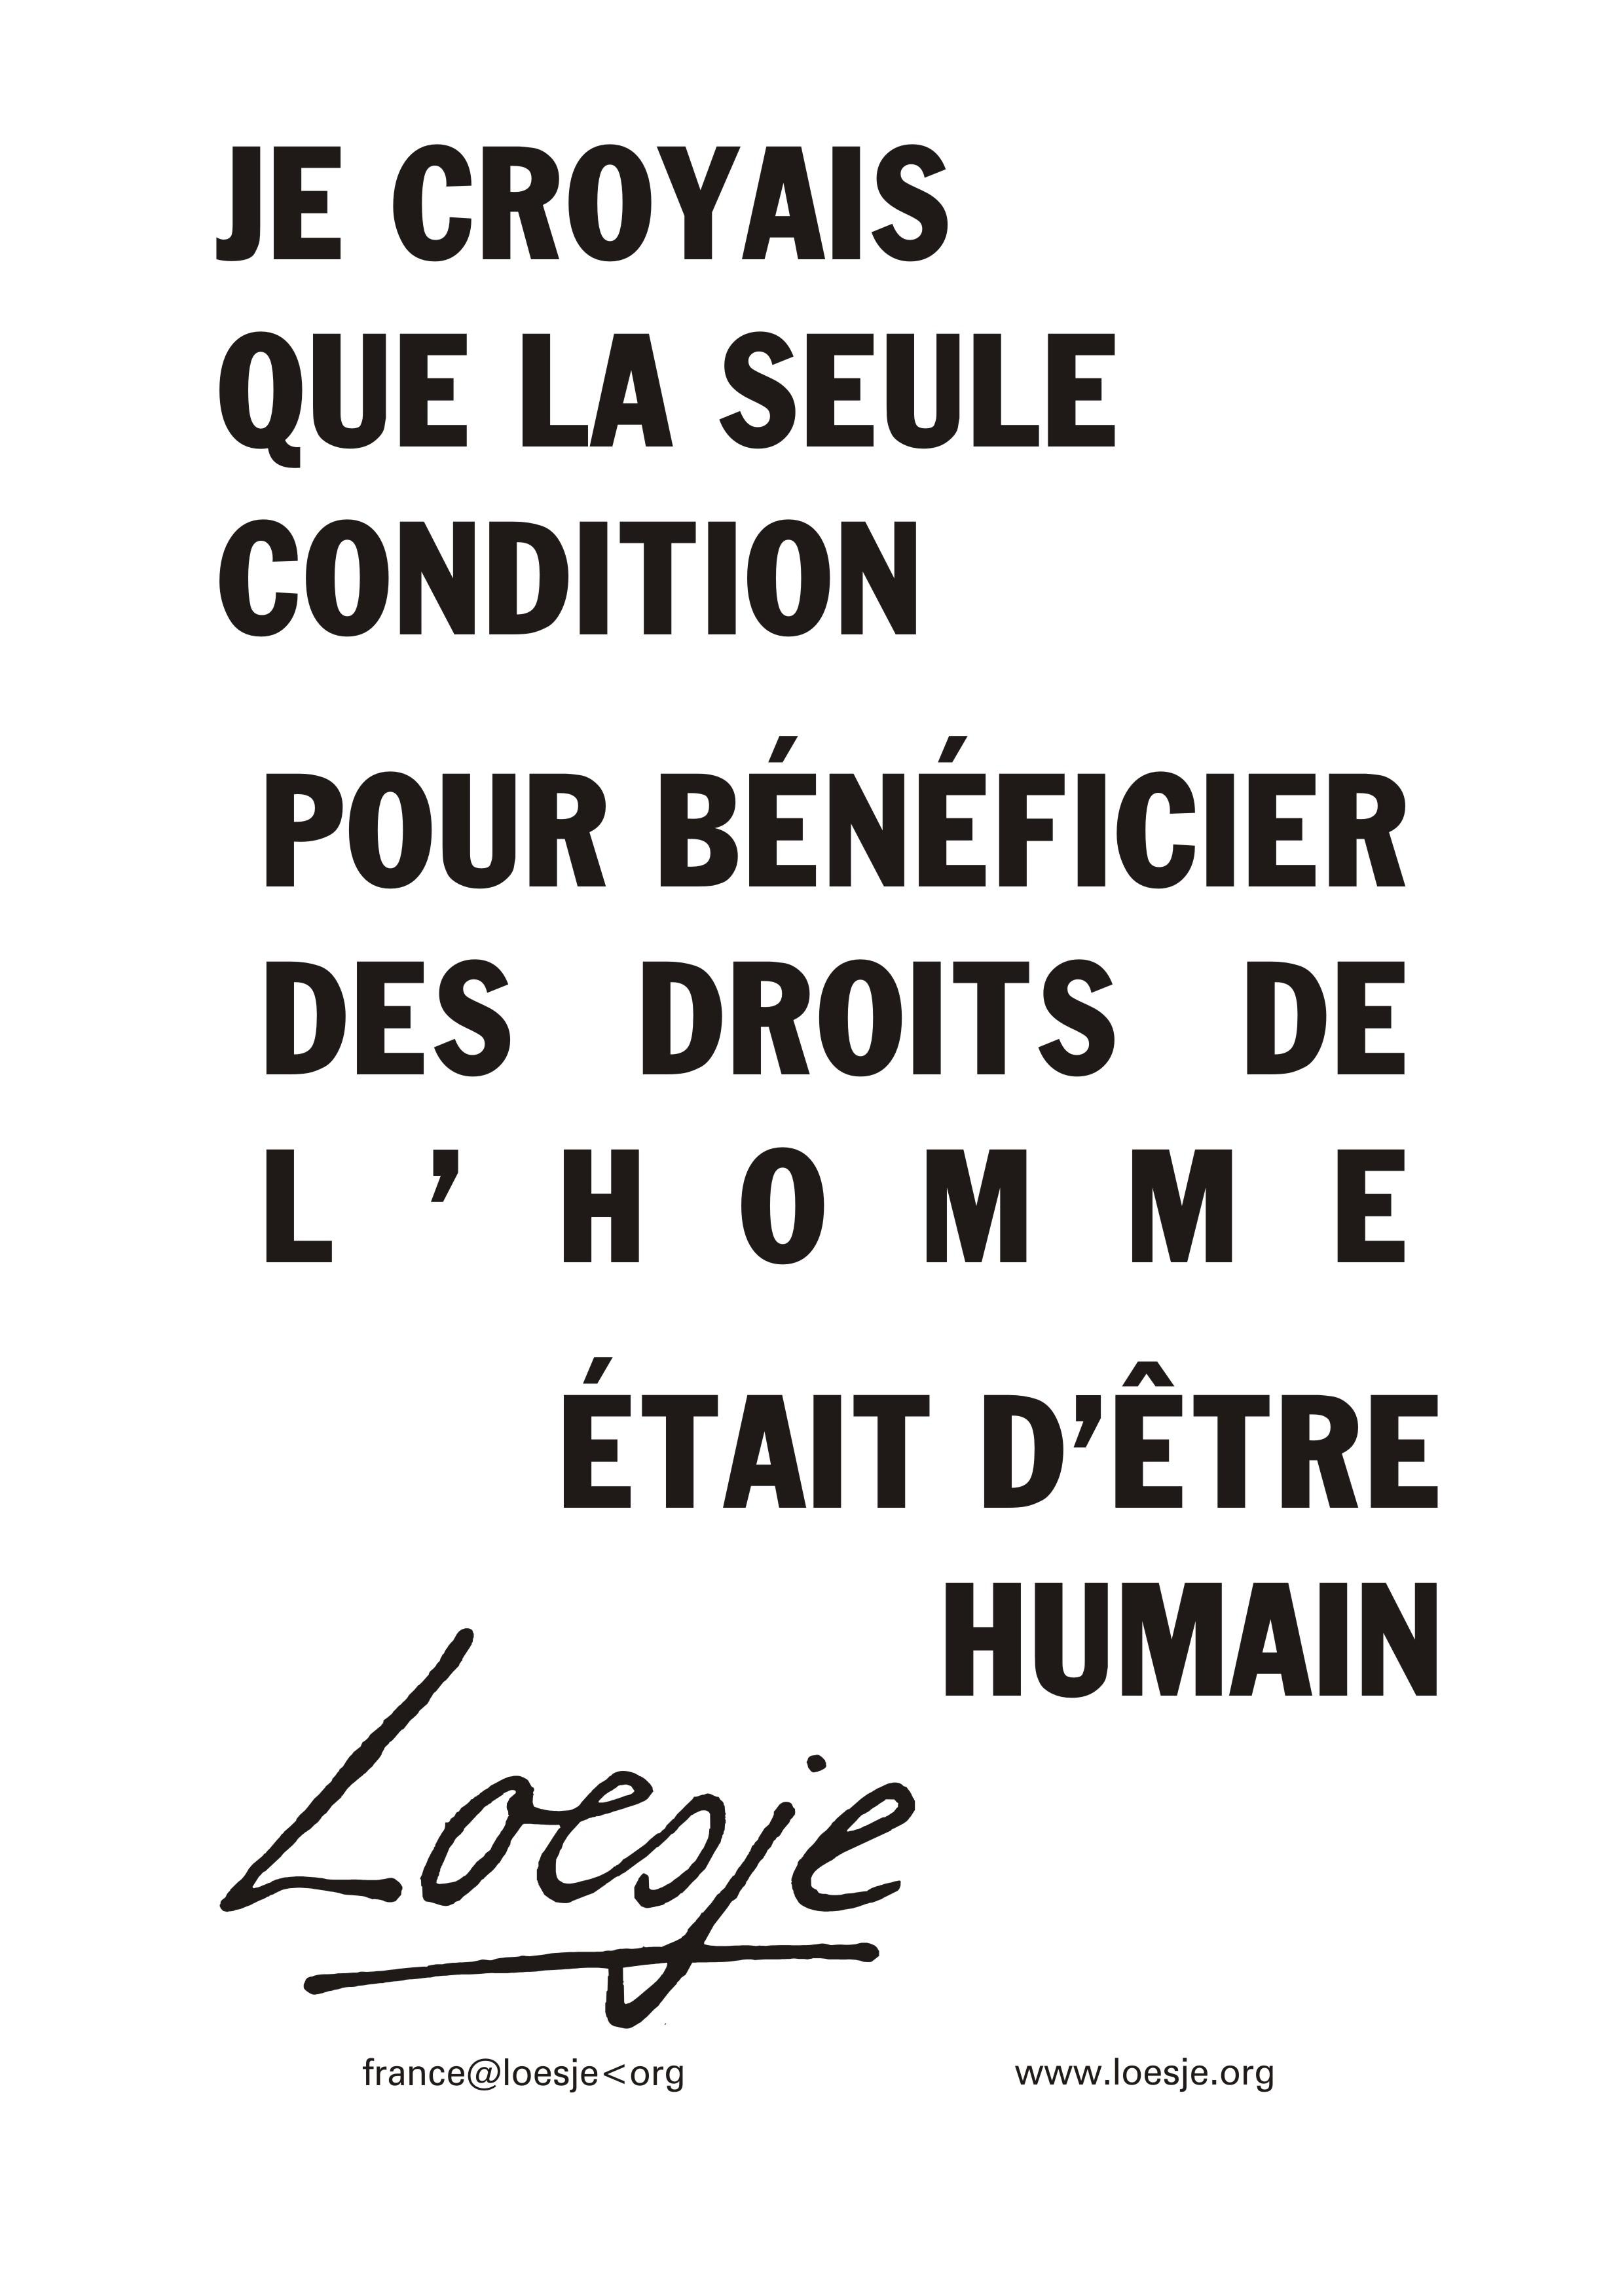 9 Je croyais que la seule condition pour bénéficier  des droits de l'Homme était d'être  humain